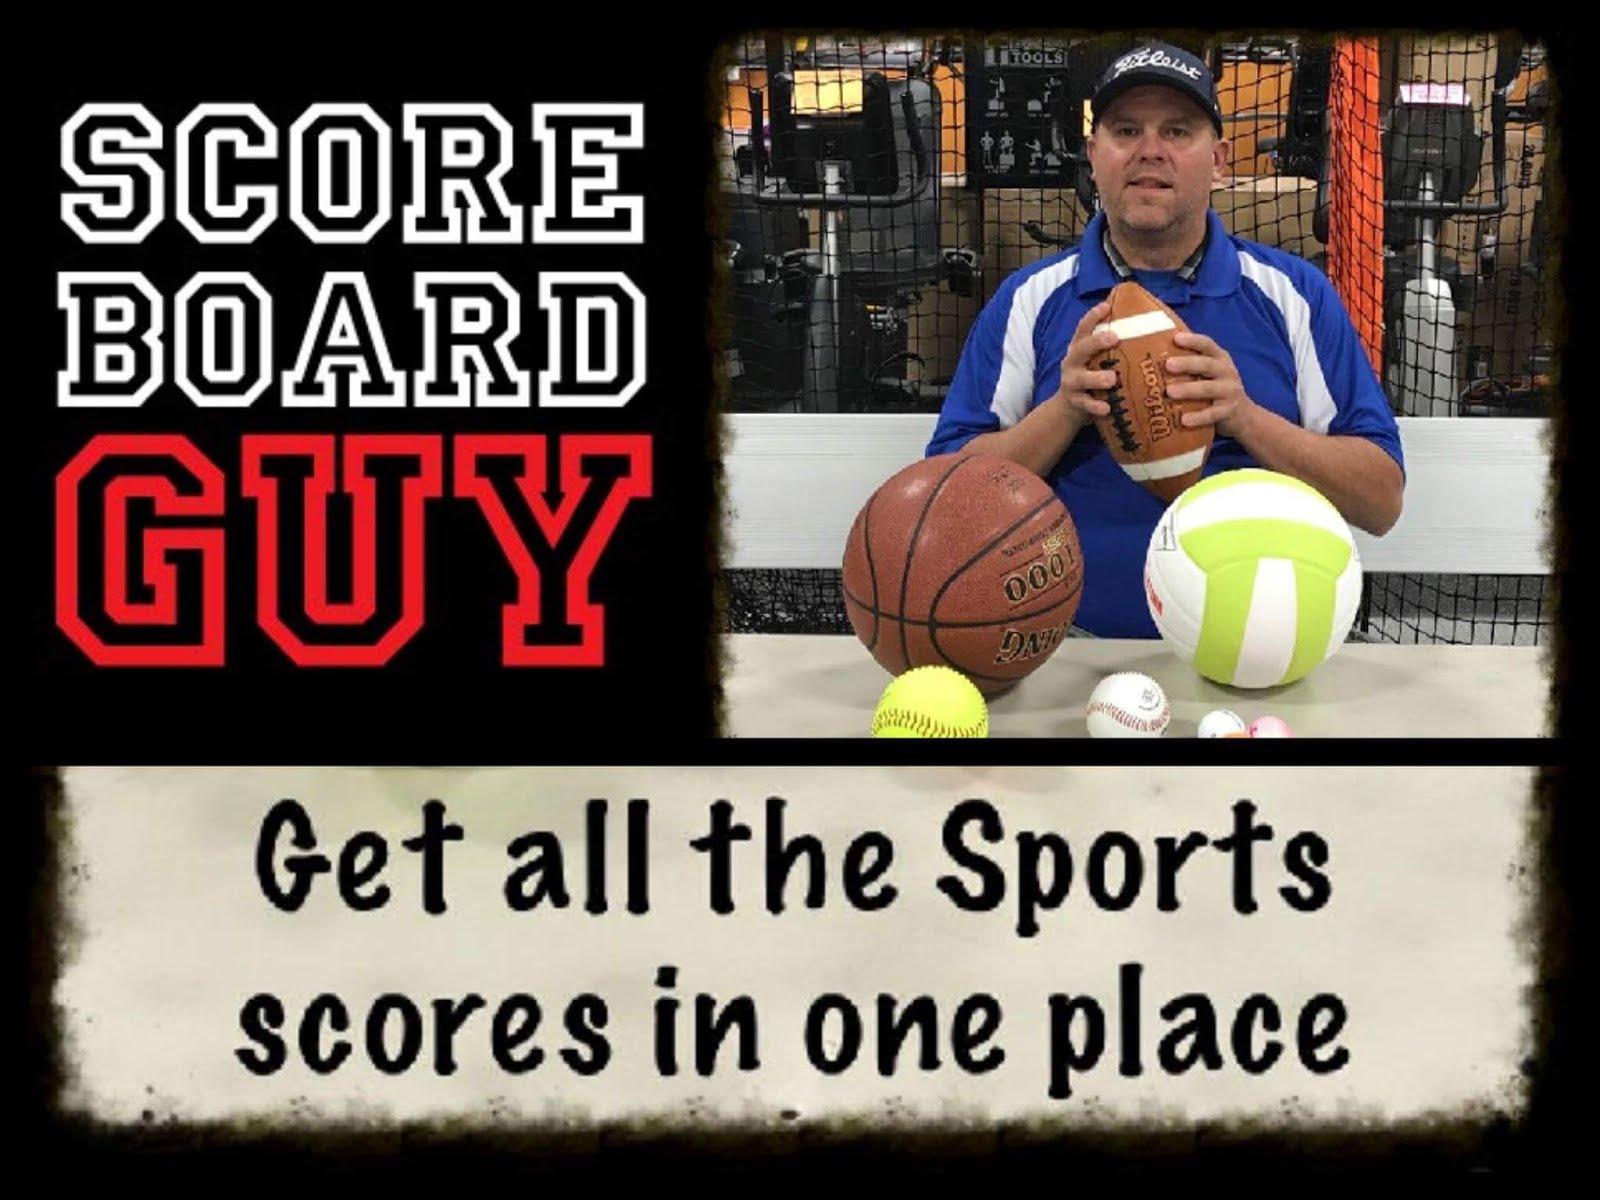 Scoreboard Guy